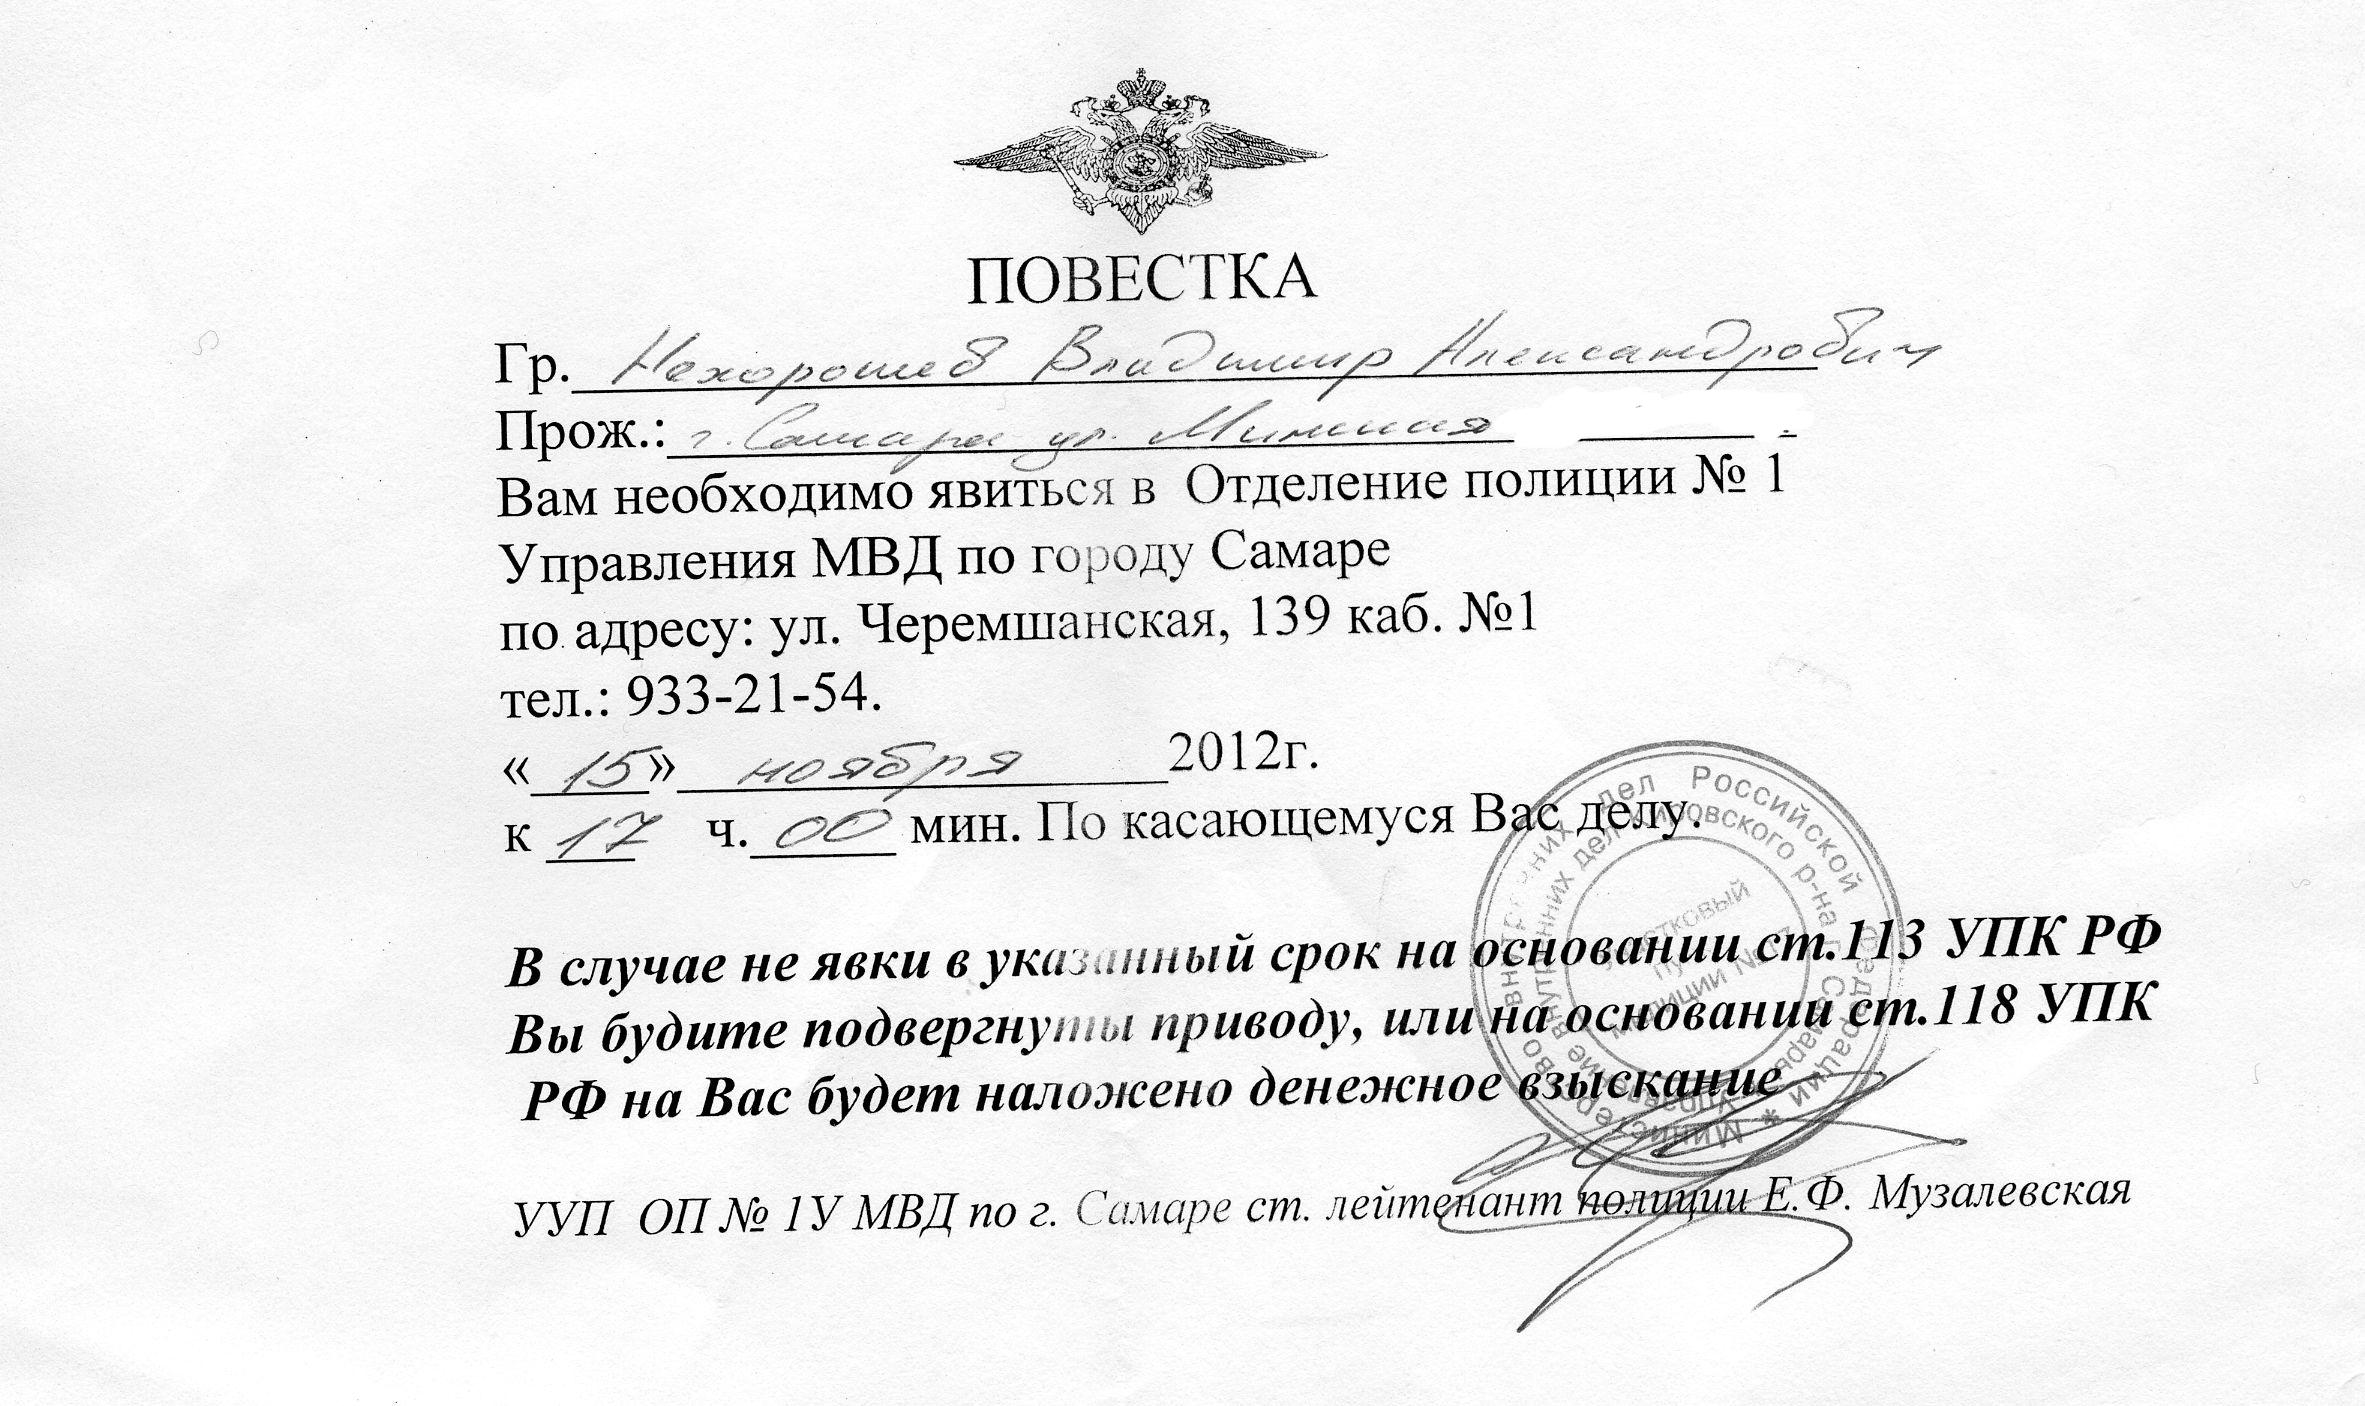 Полиция_Молодежь-2